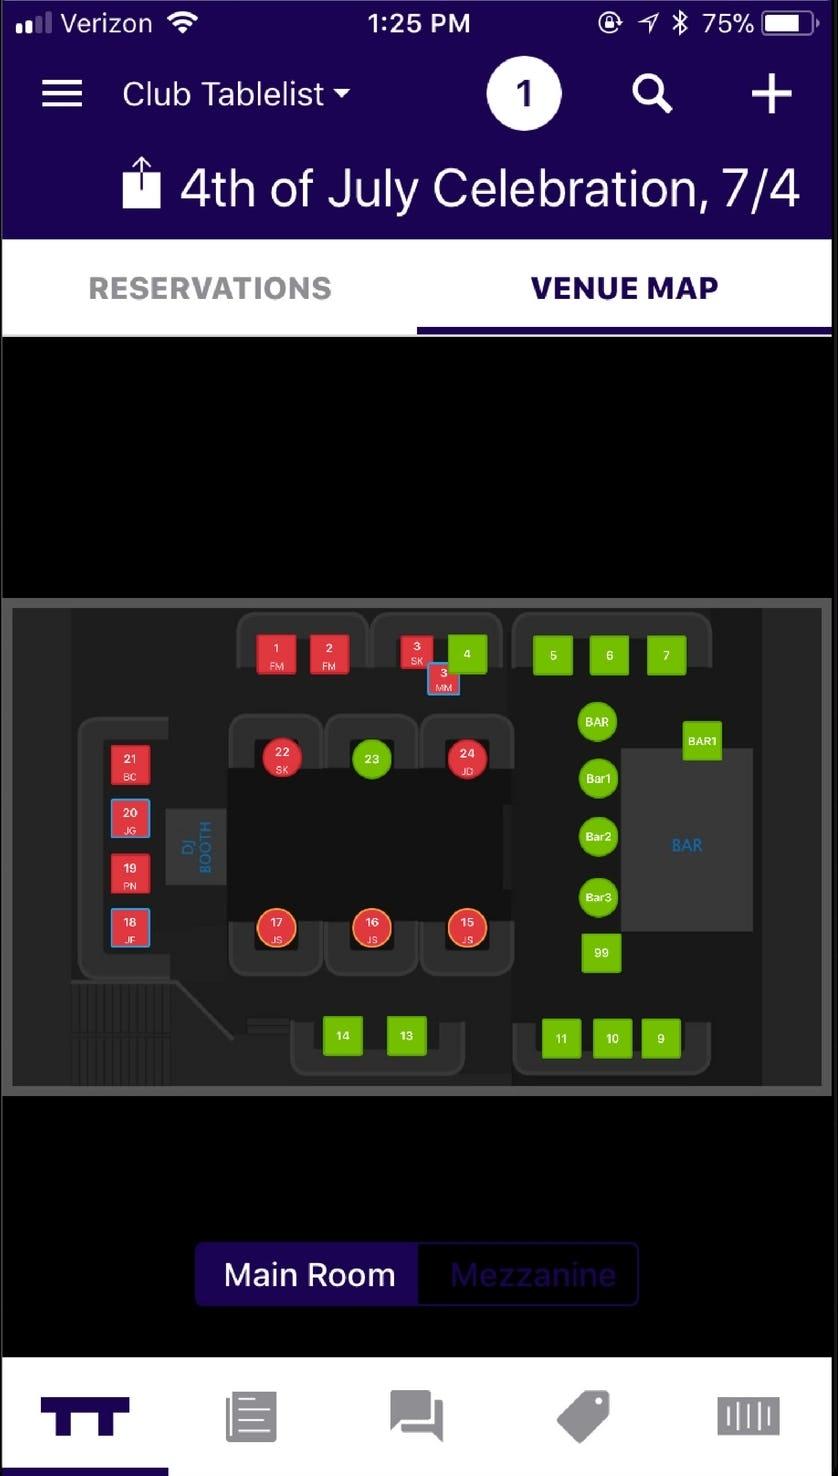 TableList Software - Venue map